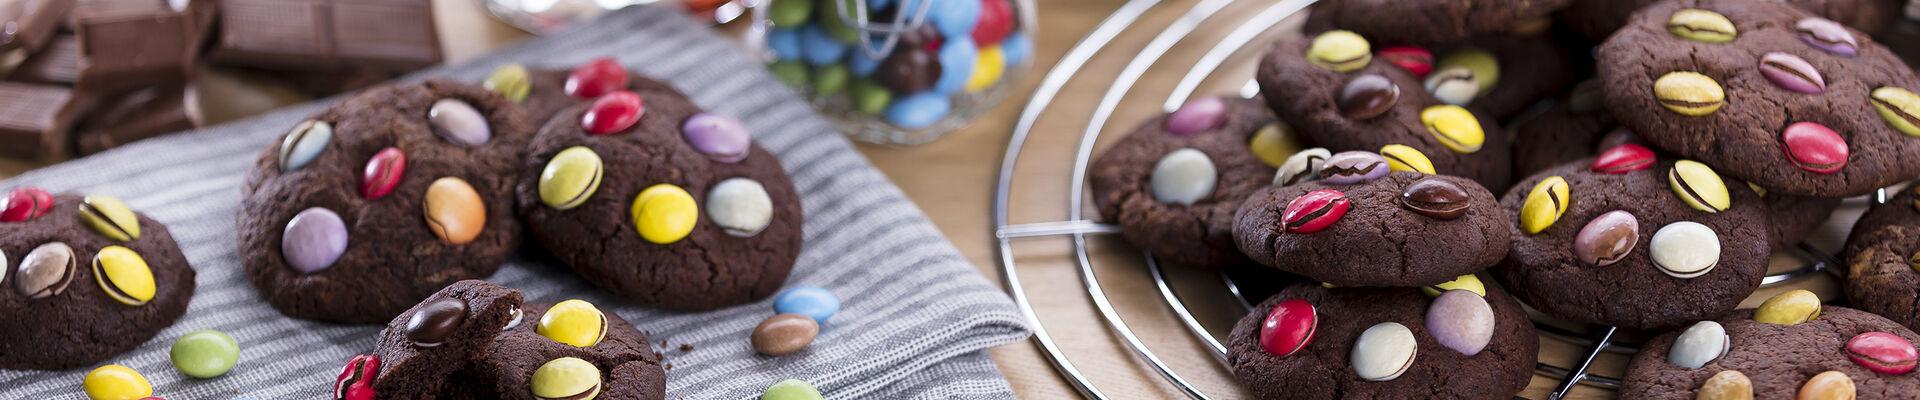 Cookies arlequin